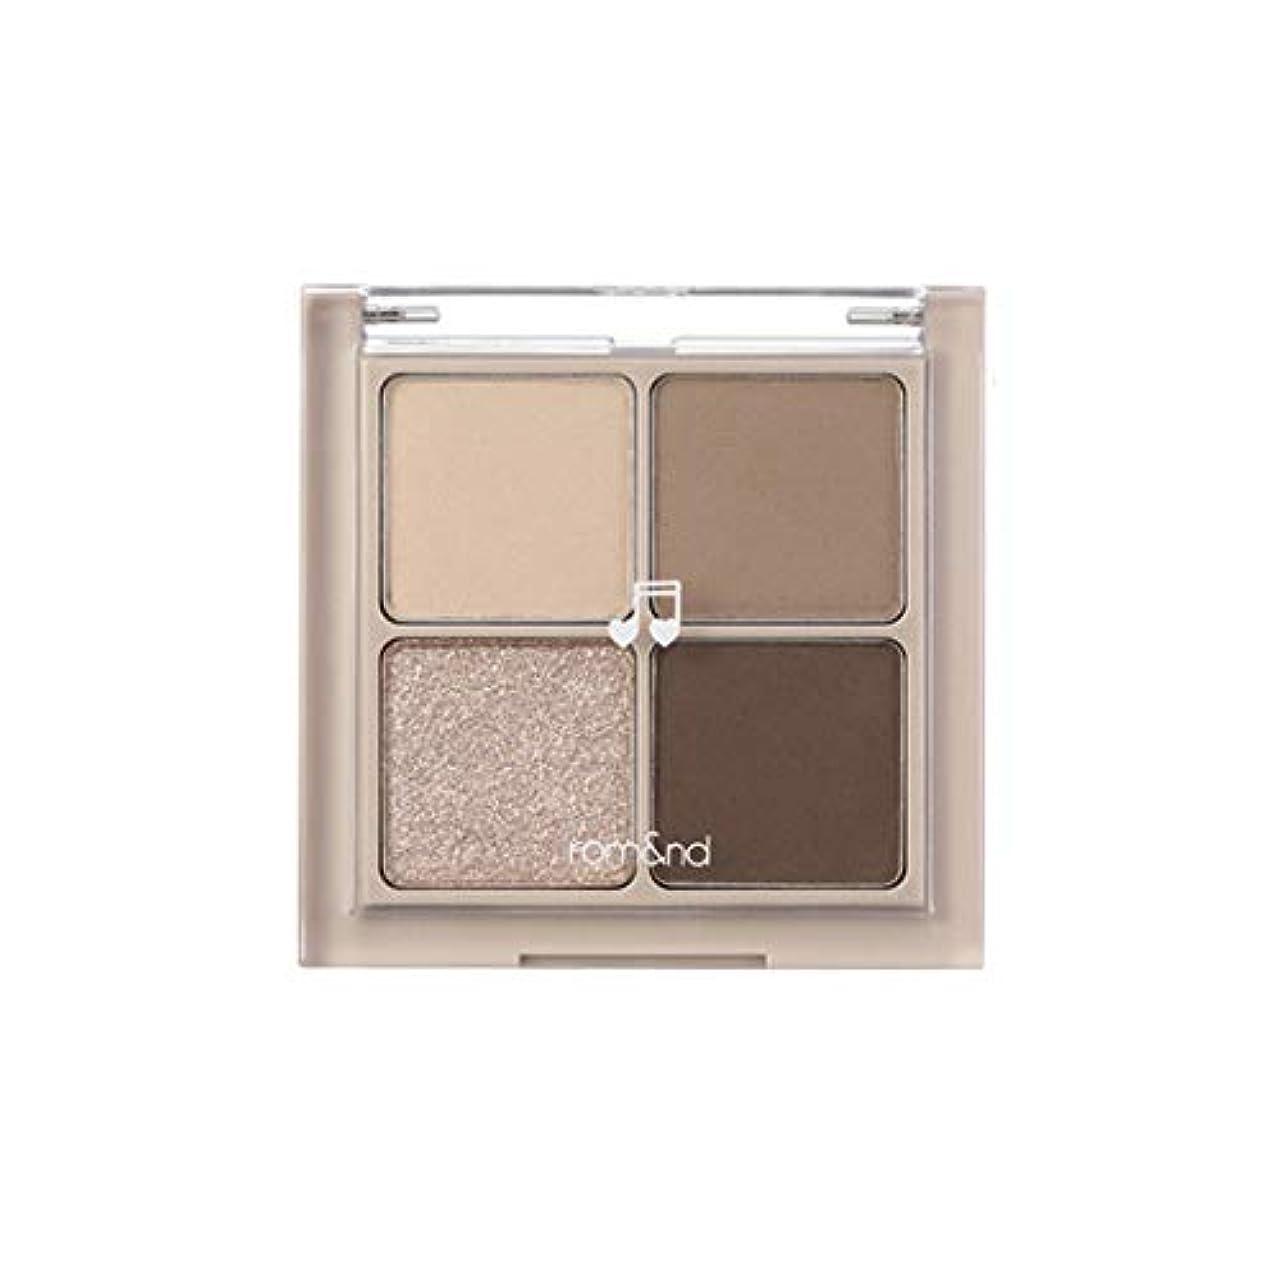 昼食追い出す言い訳rom&nd BETTER THAN EYES Eyeshadow Palette 4色のアイシャドウパレット # M2 DRY buckwheat flower(並行輸入品)